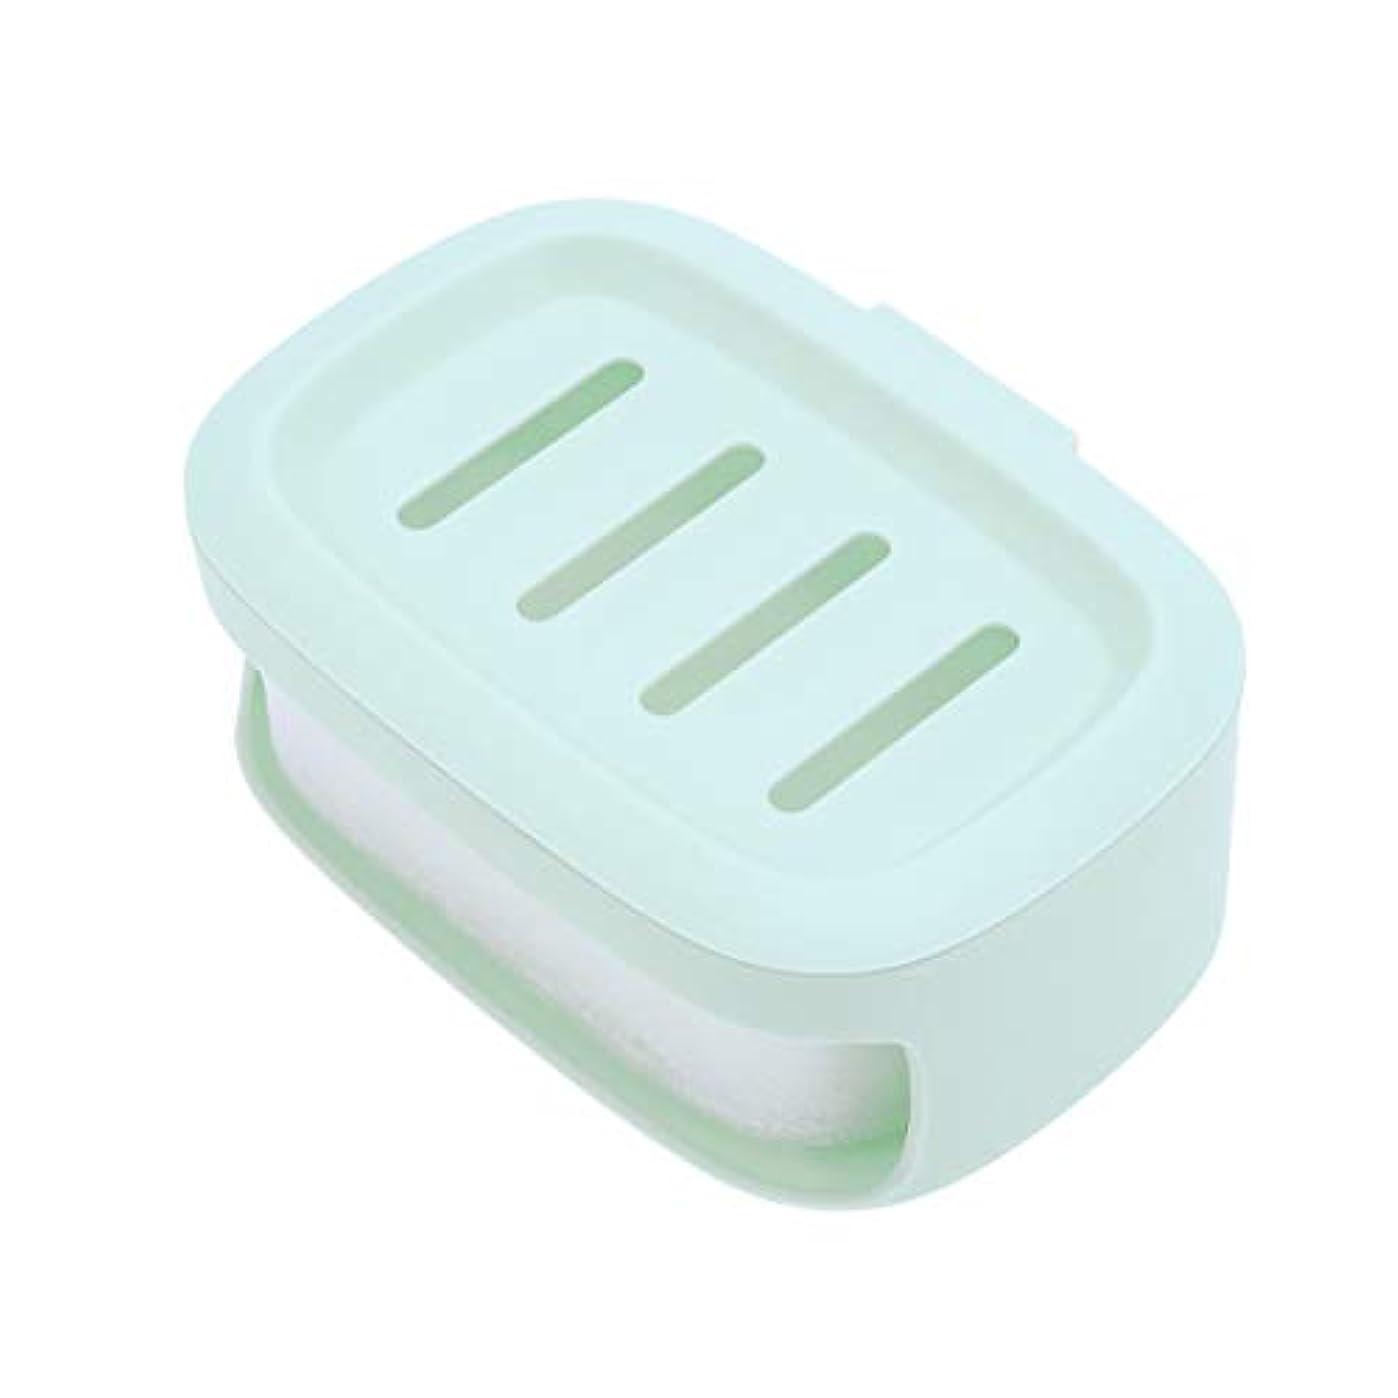 ジュースお手伝いさん貧困Healifty ソープボックス防水シールソープコンテナソープホルダー(ライトグリーン)